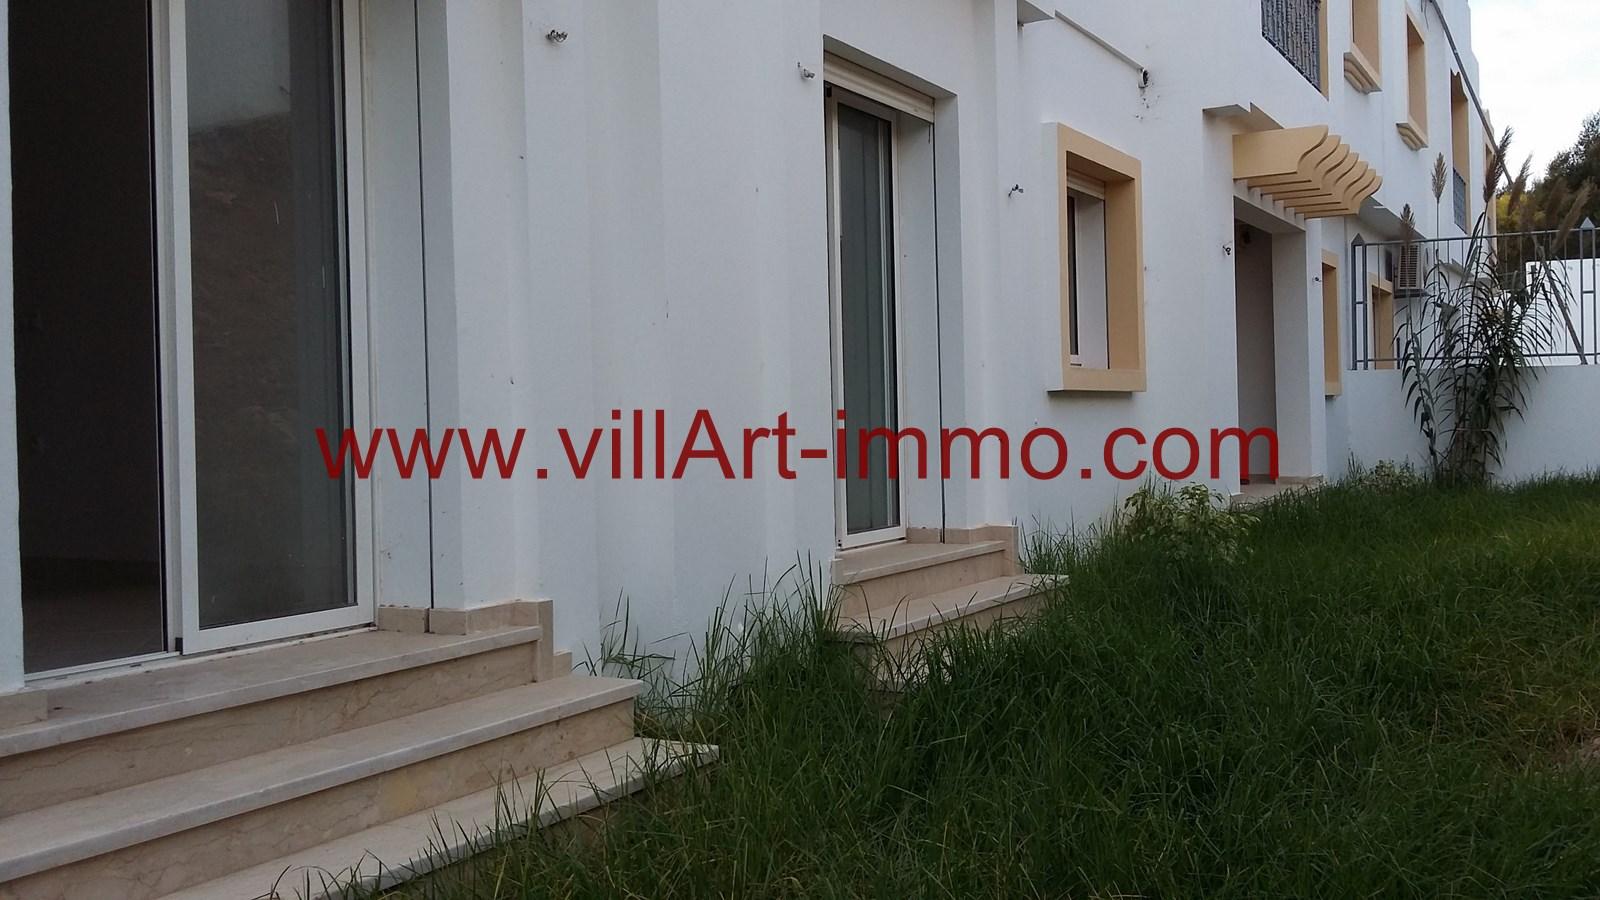 1-A-louer-Appartement-non-meuble-tanger-jardin-l881-villart-immo